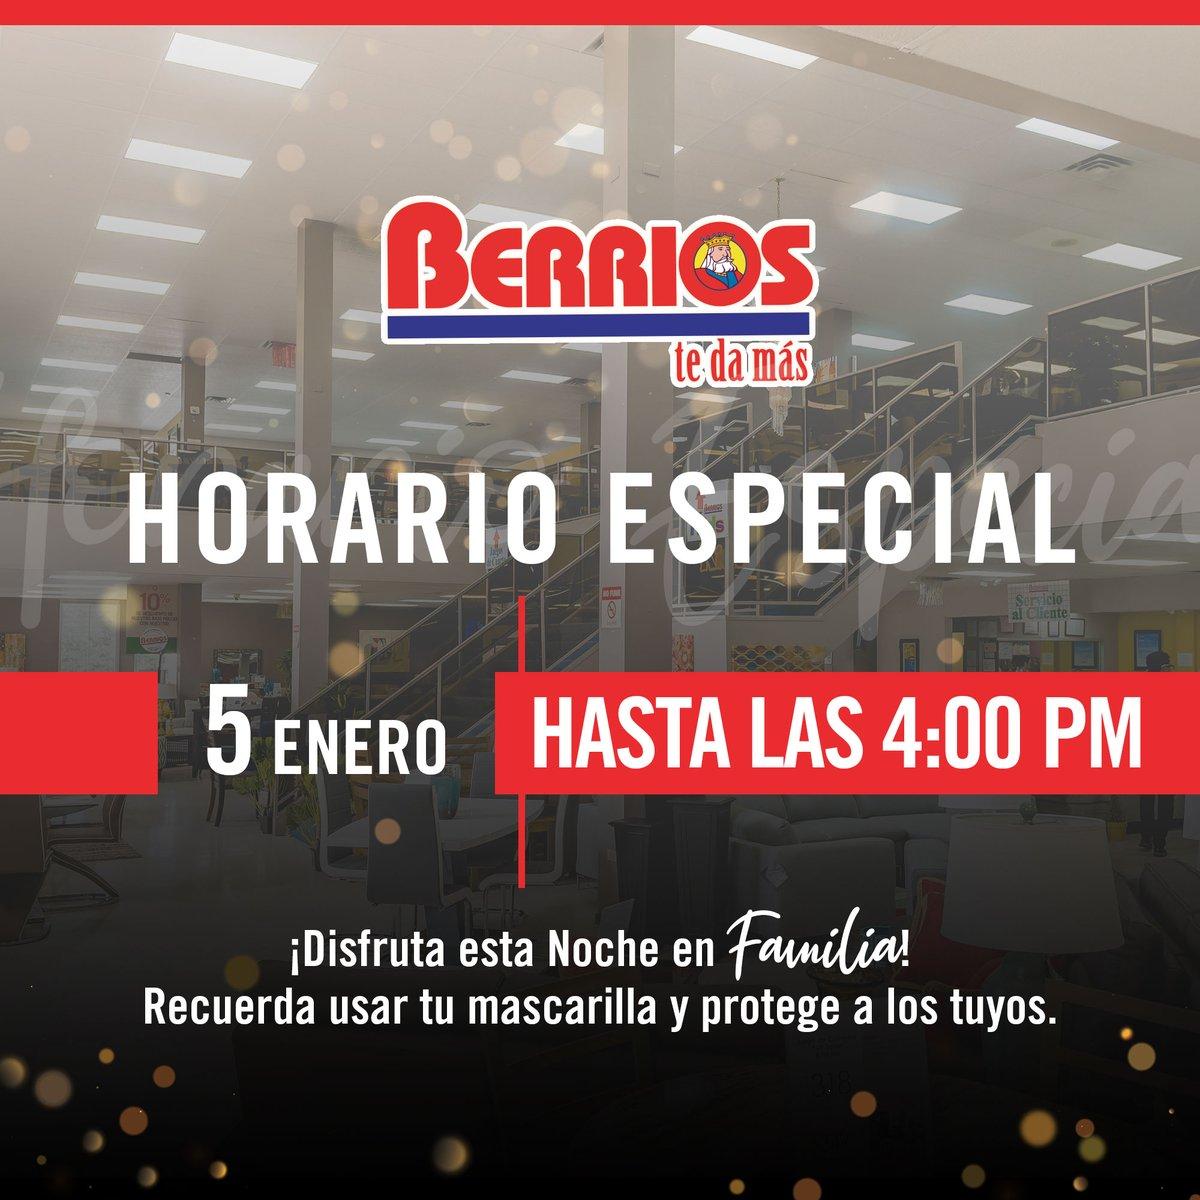 🚪 [IMPORTANTE] Cerramos Temprano .. Hoy 👑👑👑 todas nuestras tiendas cerrarán a las 4:00 pm. .. #BerríosTeDaMás #TresReyesMagos #TiempoEnFamilia